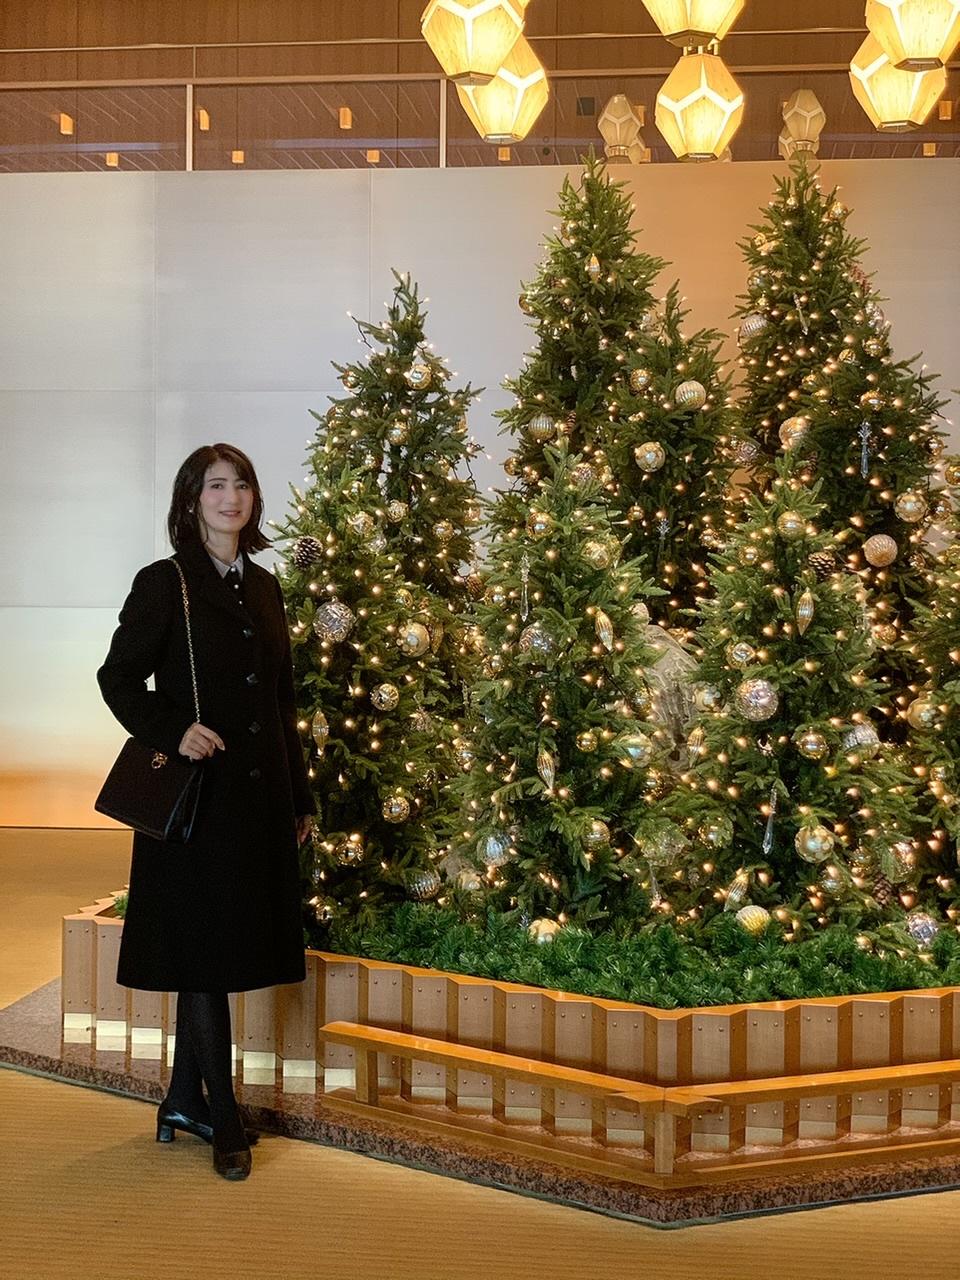 クリスマスコンサート動画 と、上質なコートでホテルオークラへ。_1_1